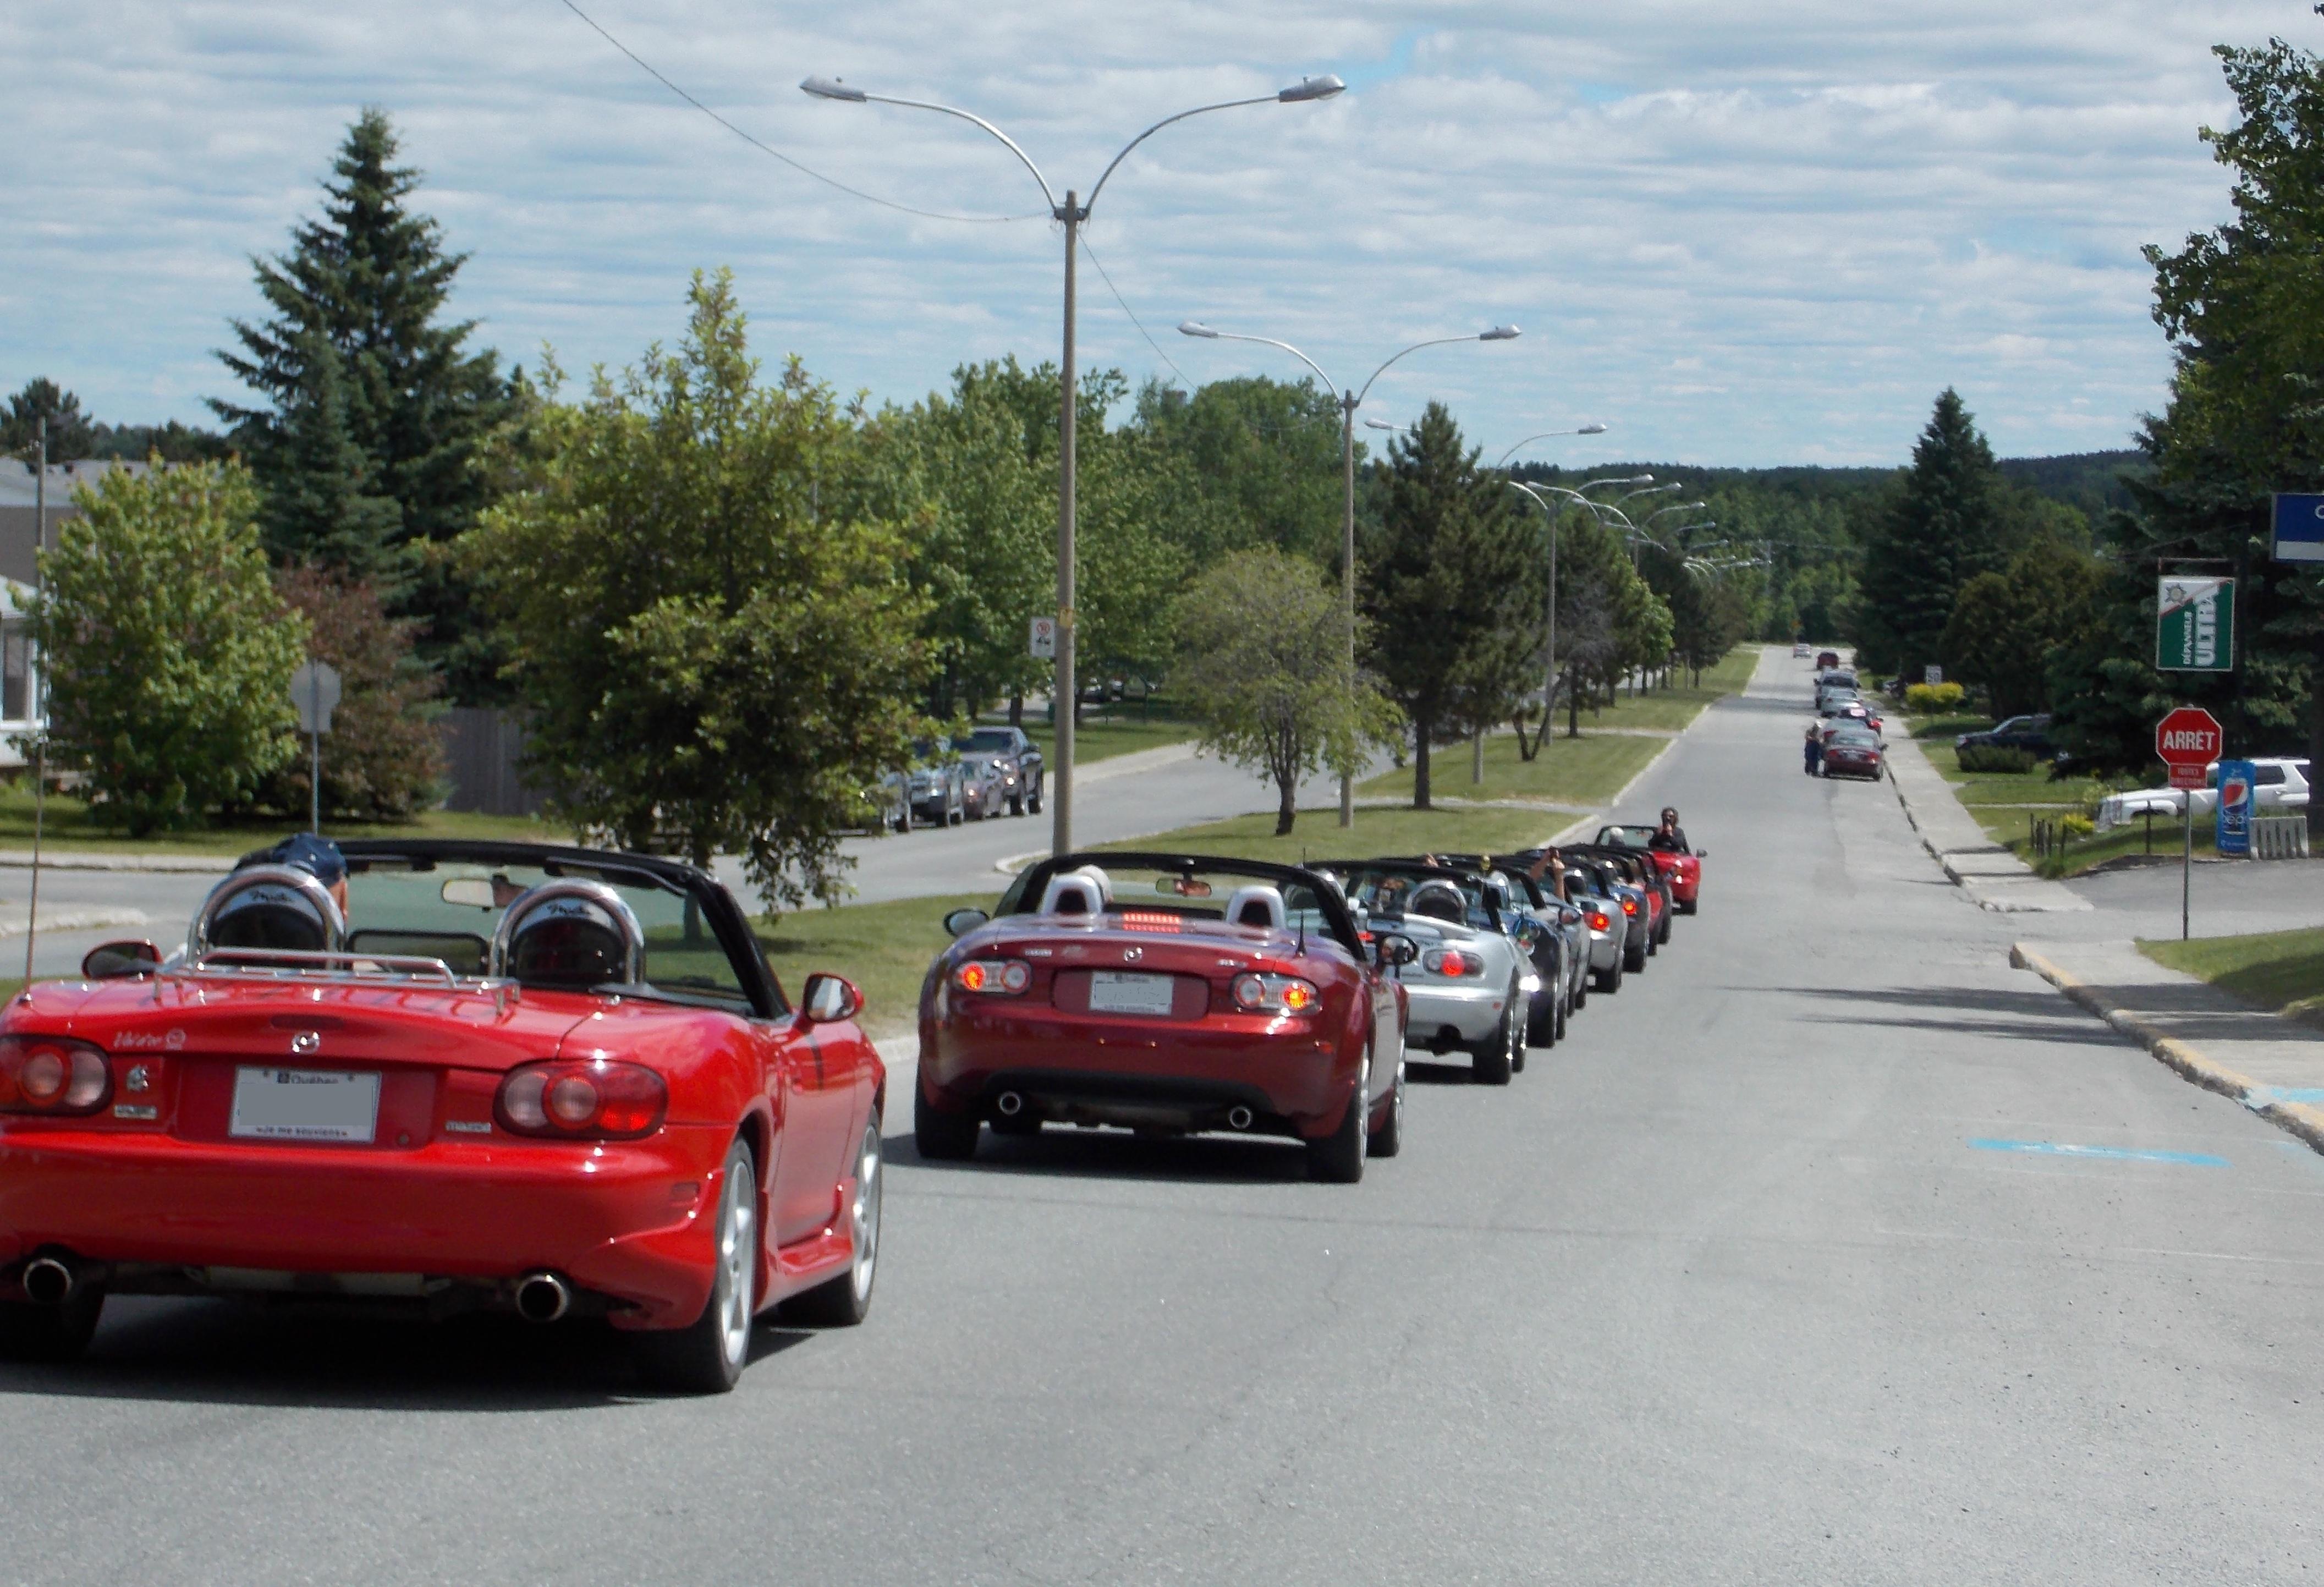 Défilé de voitures Miata